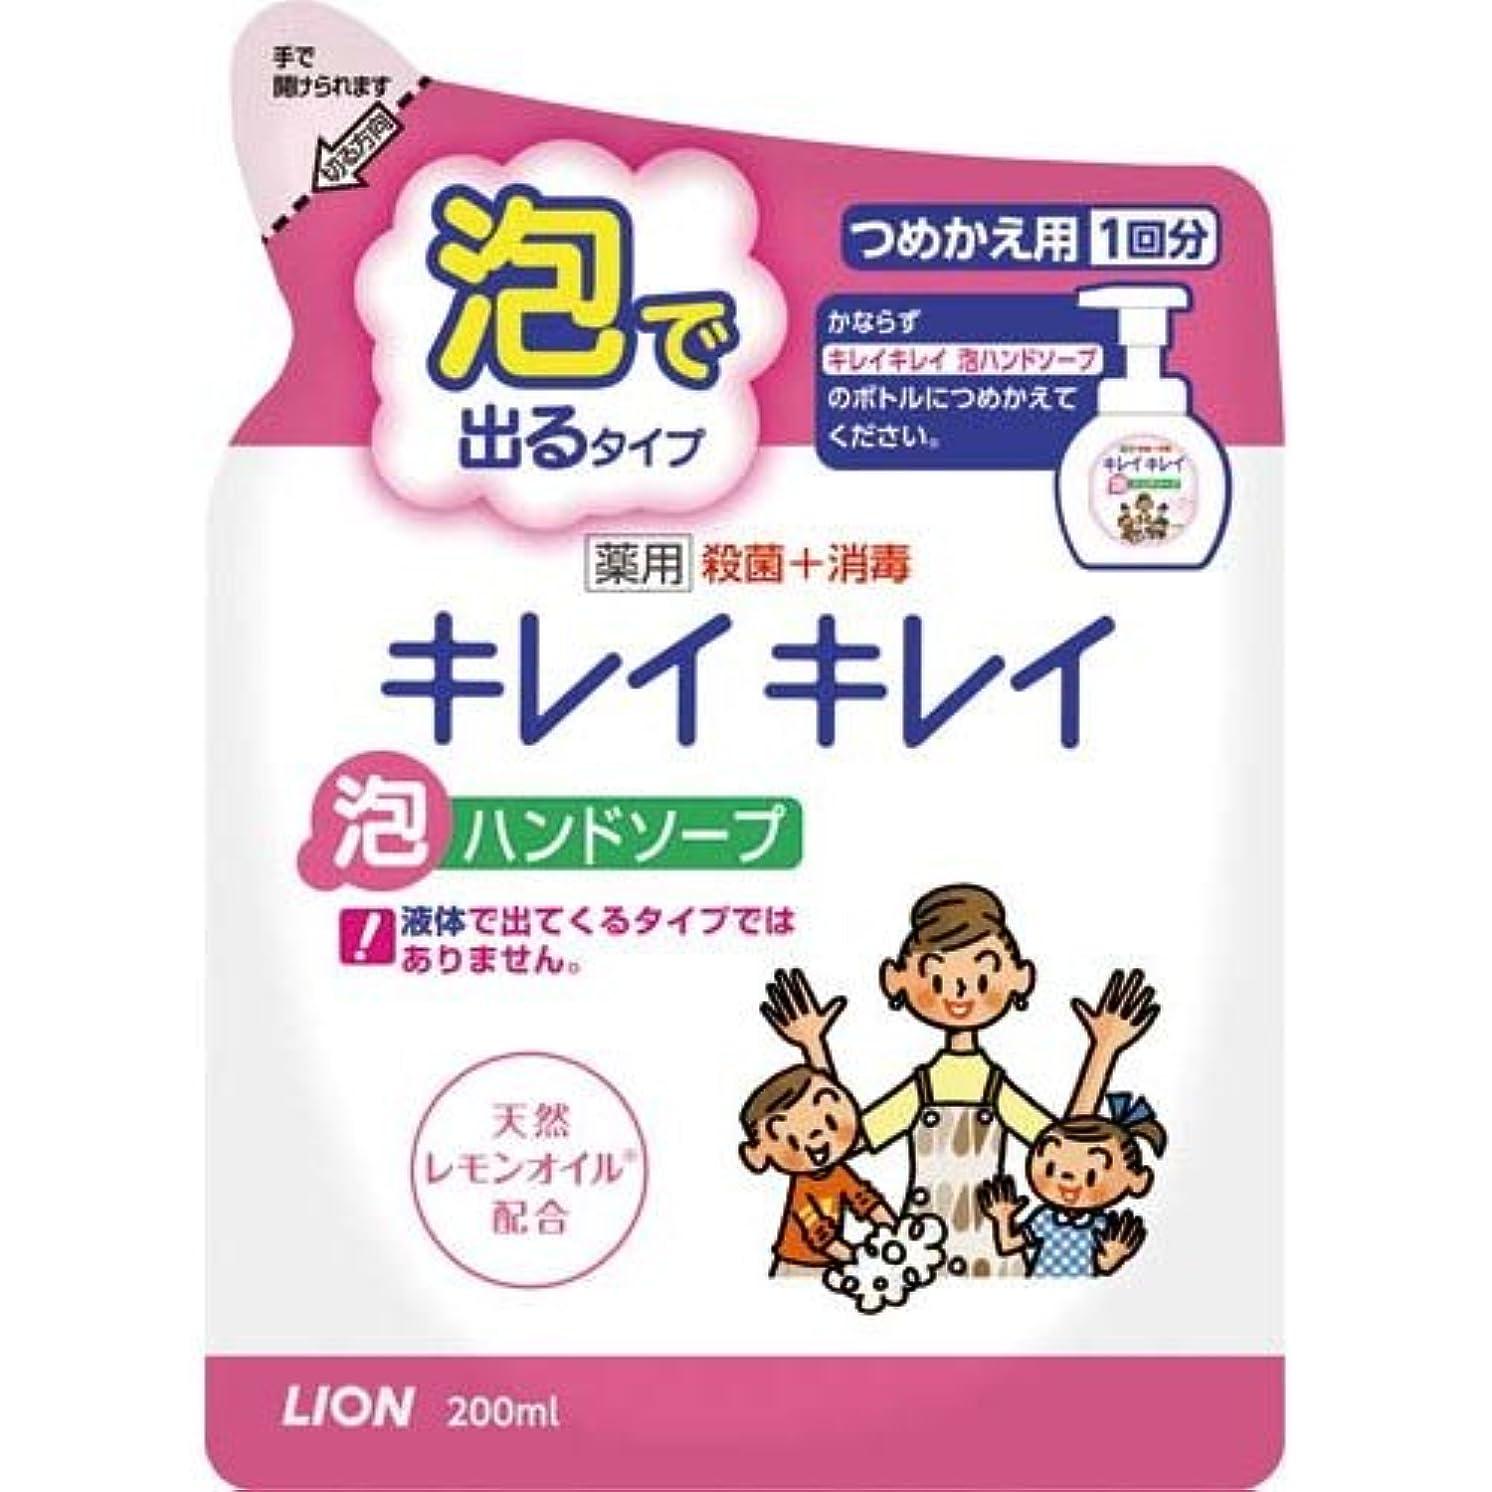 居住者アイドルマトンキレイキレイ 薬用泡ハンドソープ つめかえ用 200mL(医薬部外品) ライオン